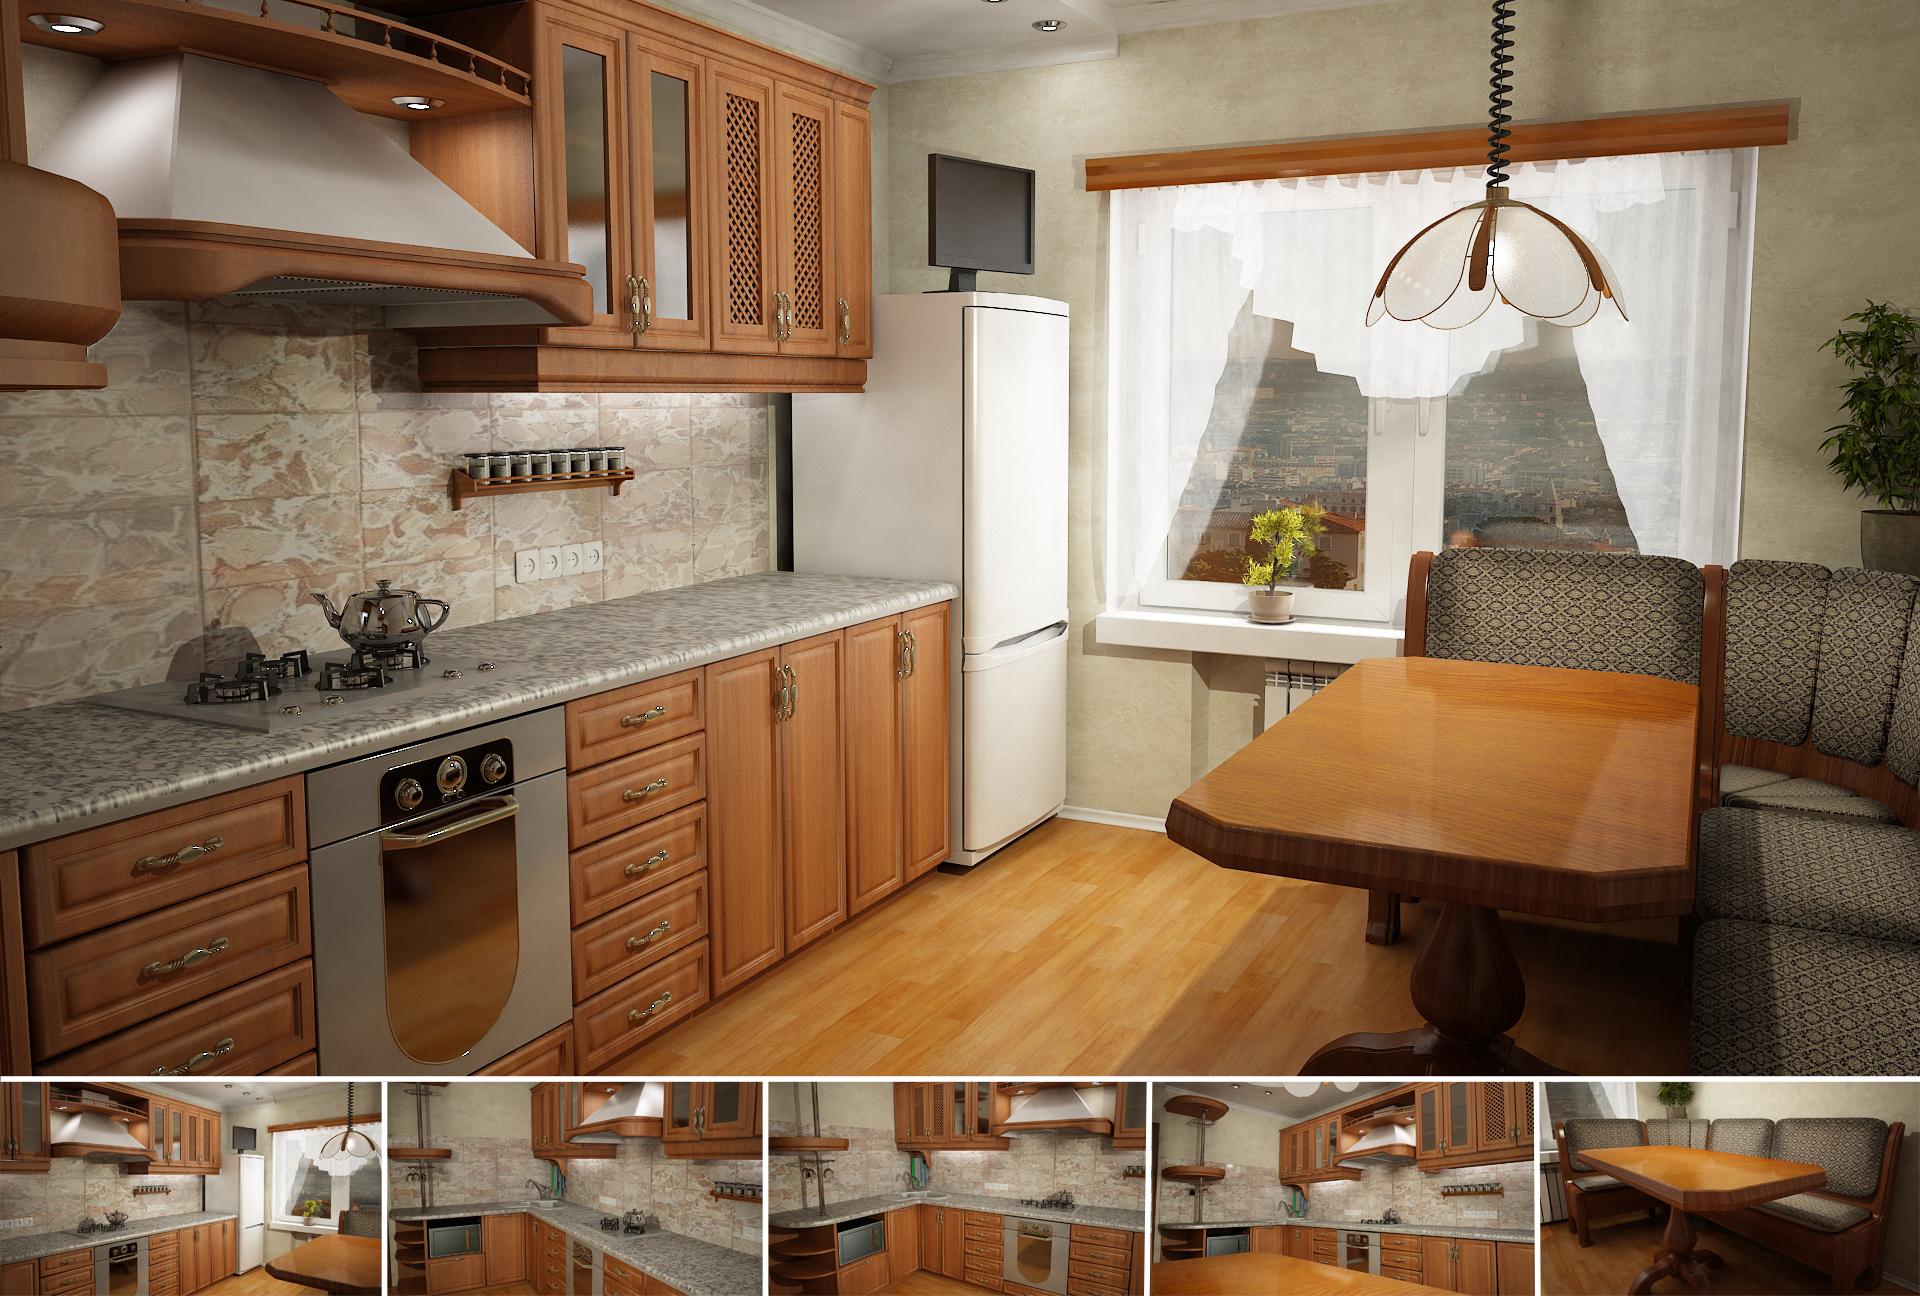 Как самому сделать дизайн кухни (51 фото) 20